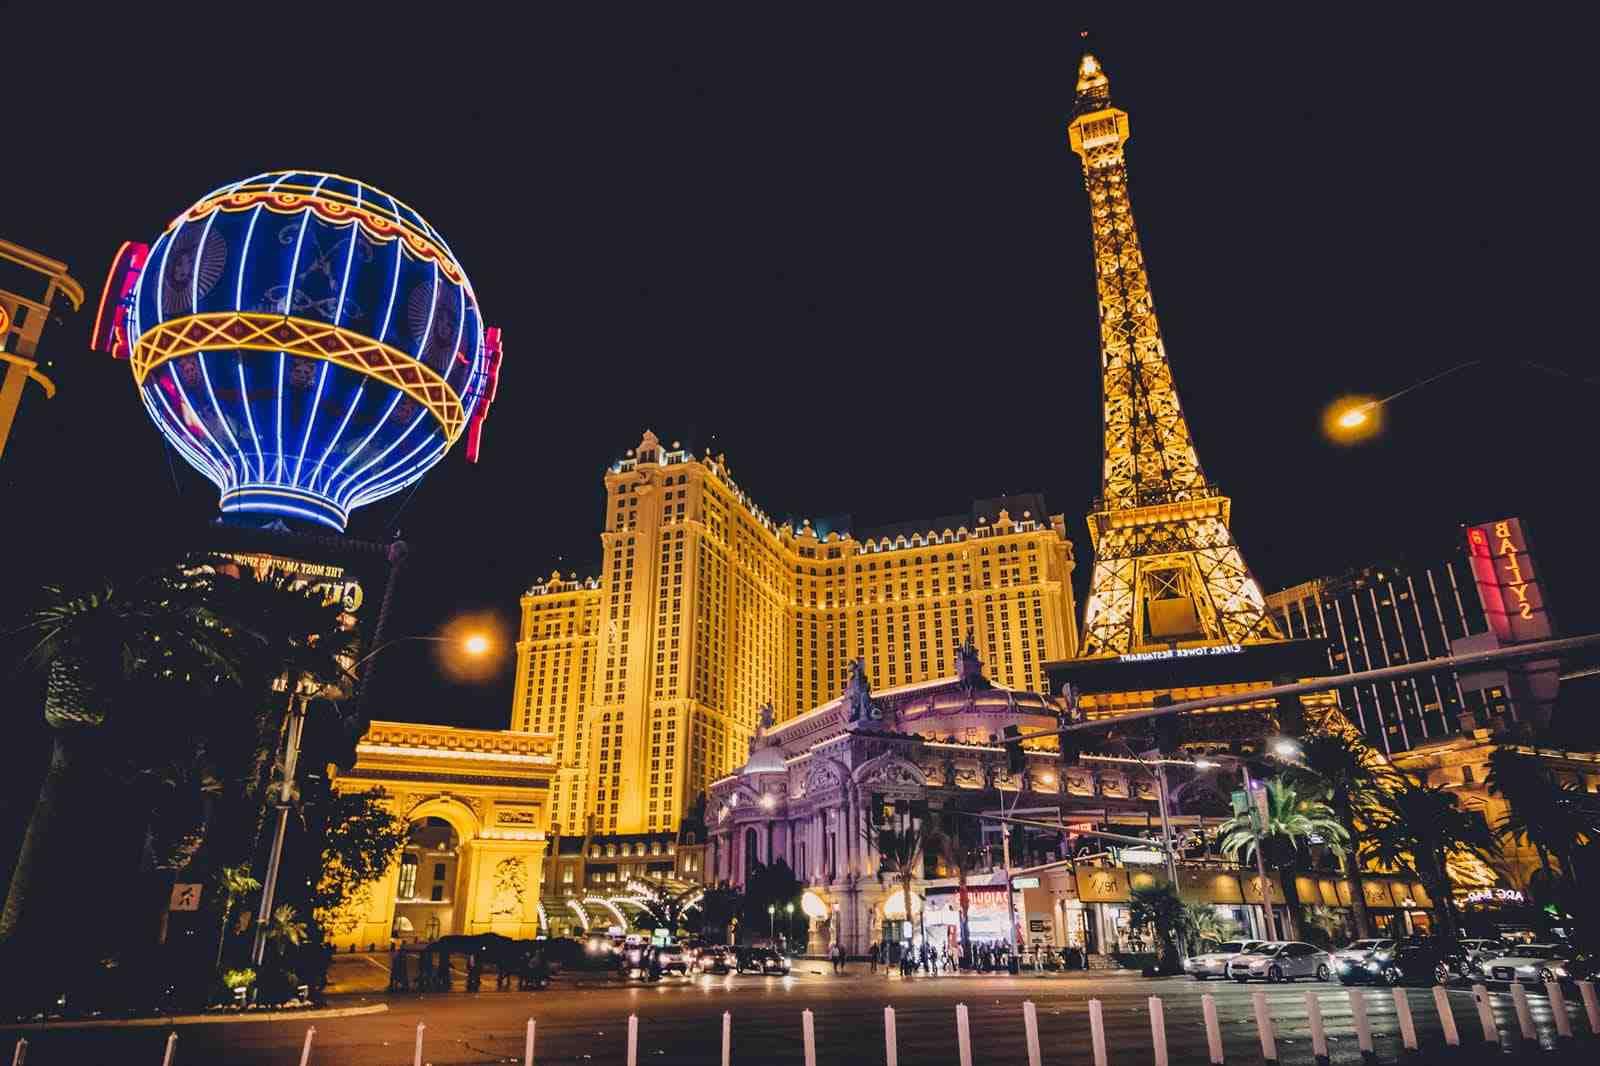 Où et quand aller à Las Vegas?